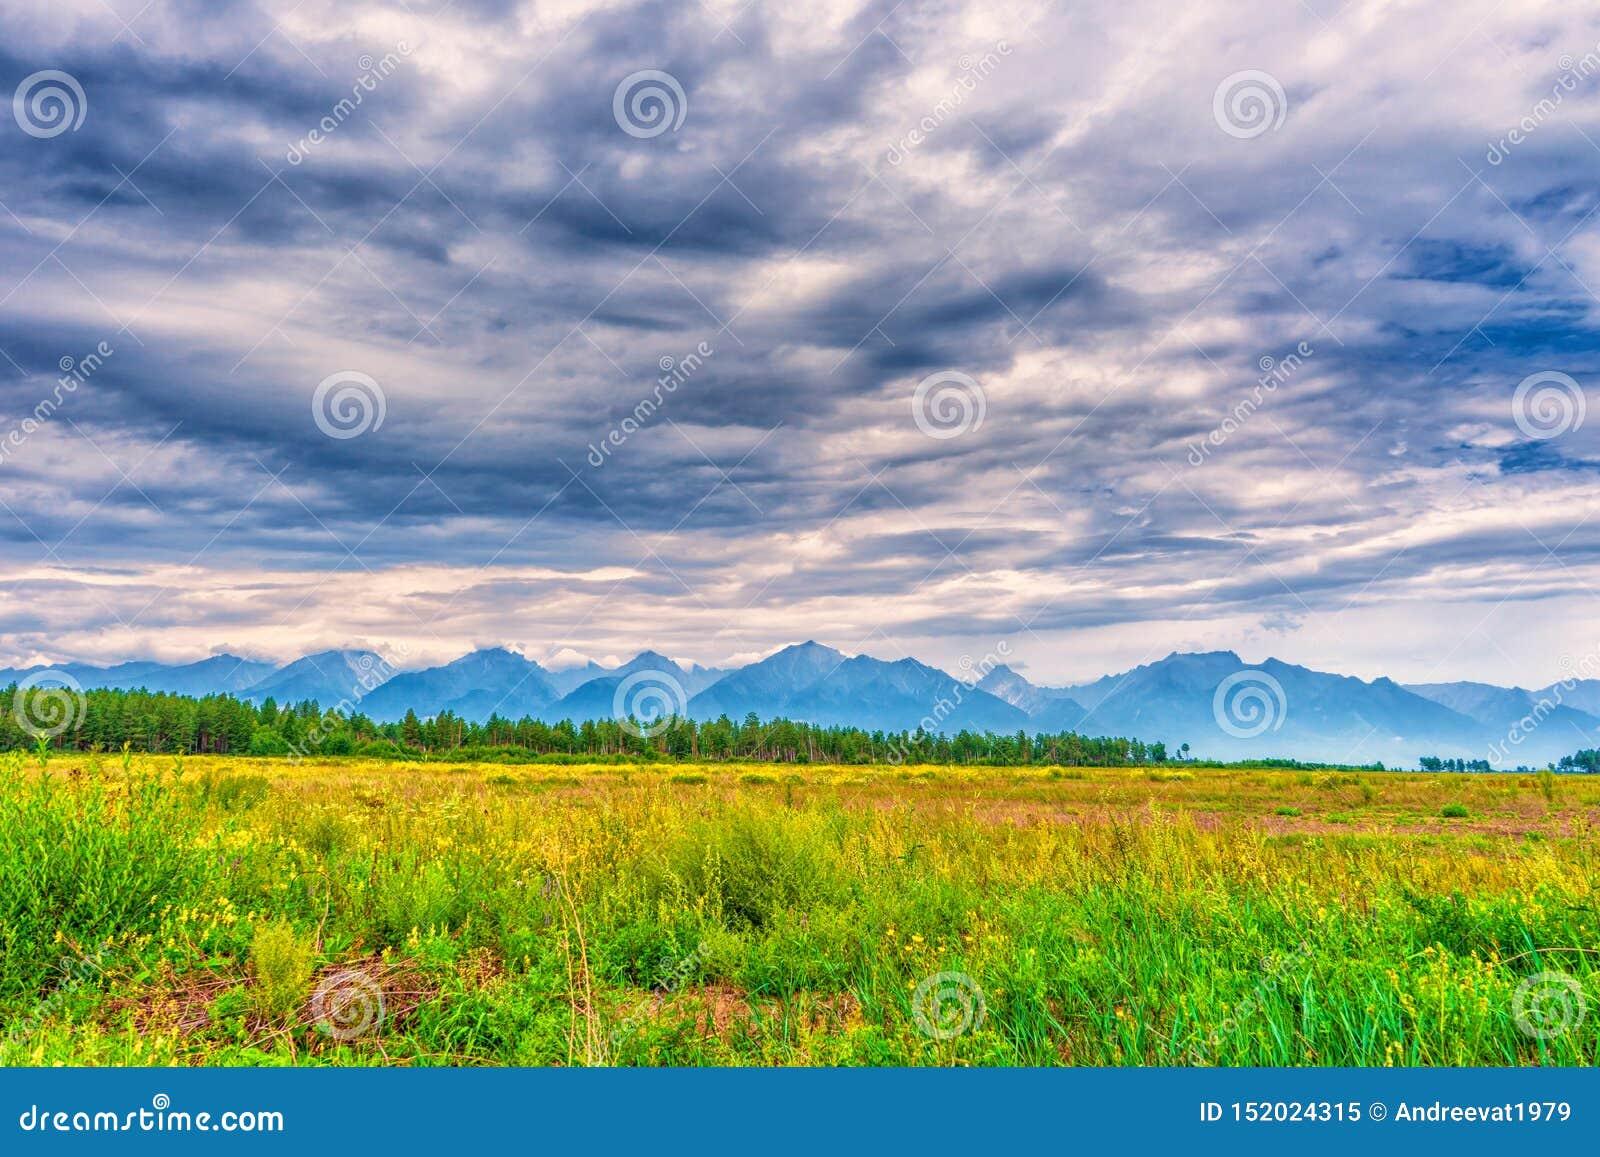 Malowniczy lato krajobraz pasmo górskie z szczytami, doliną z zieloną trawą, gajem i chmurnym niebem, Naturalny t?o z